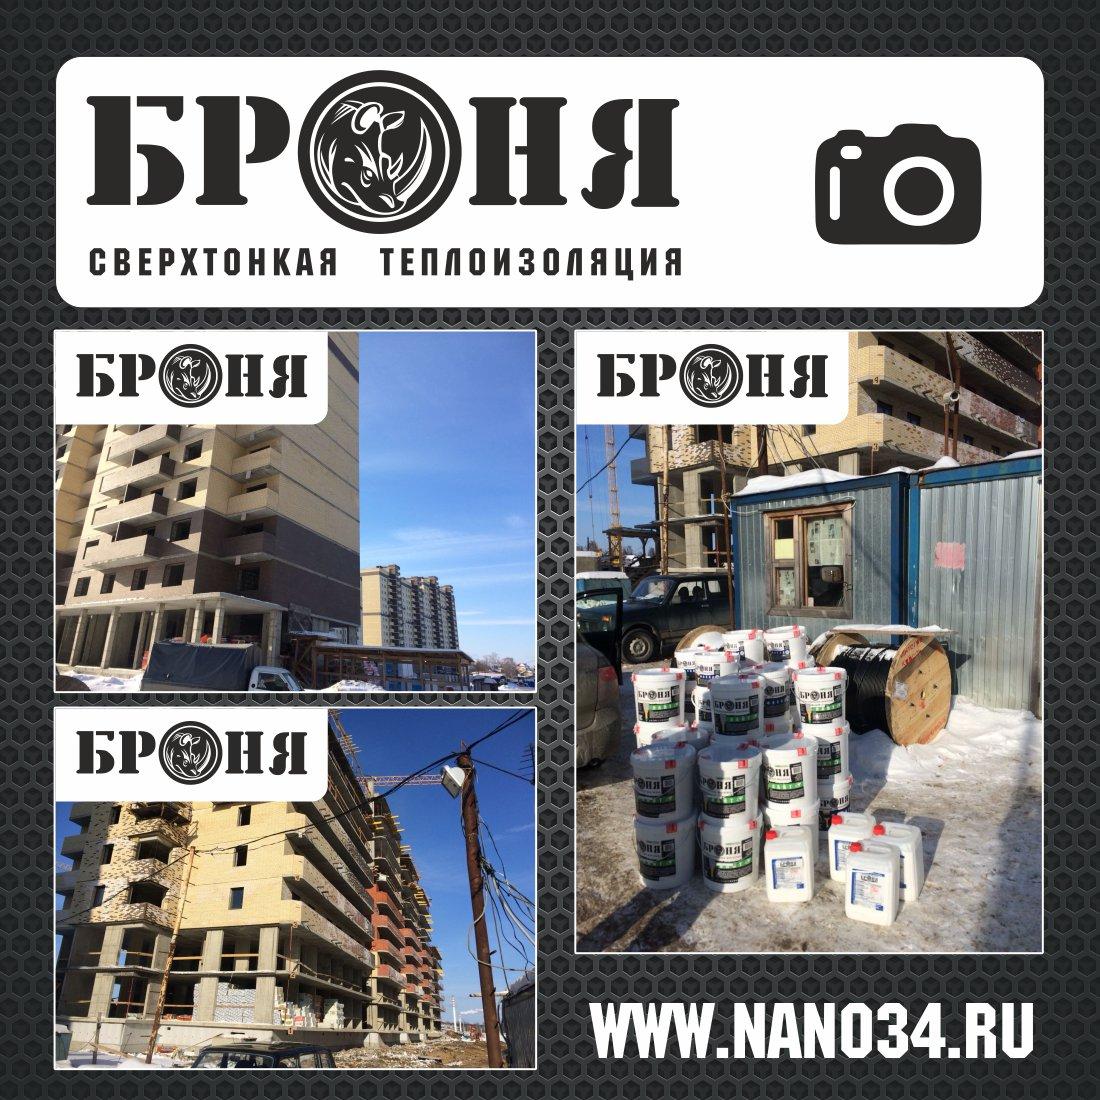 Московская область. Поставка очередной партии для утепления стен лестничных маршей новостроек ЖК Лукино-Варино